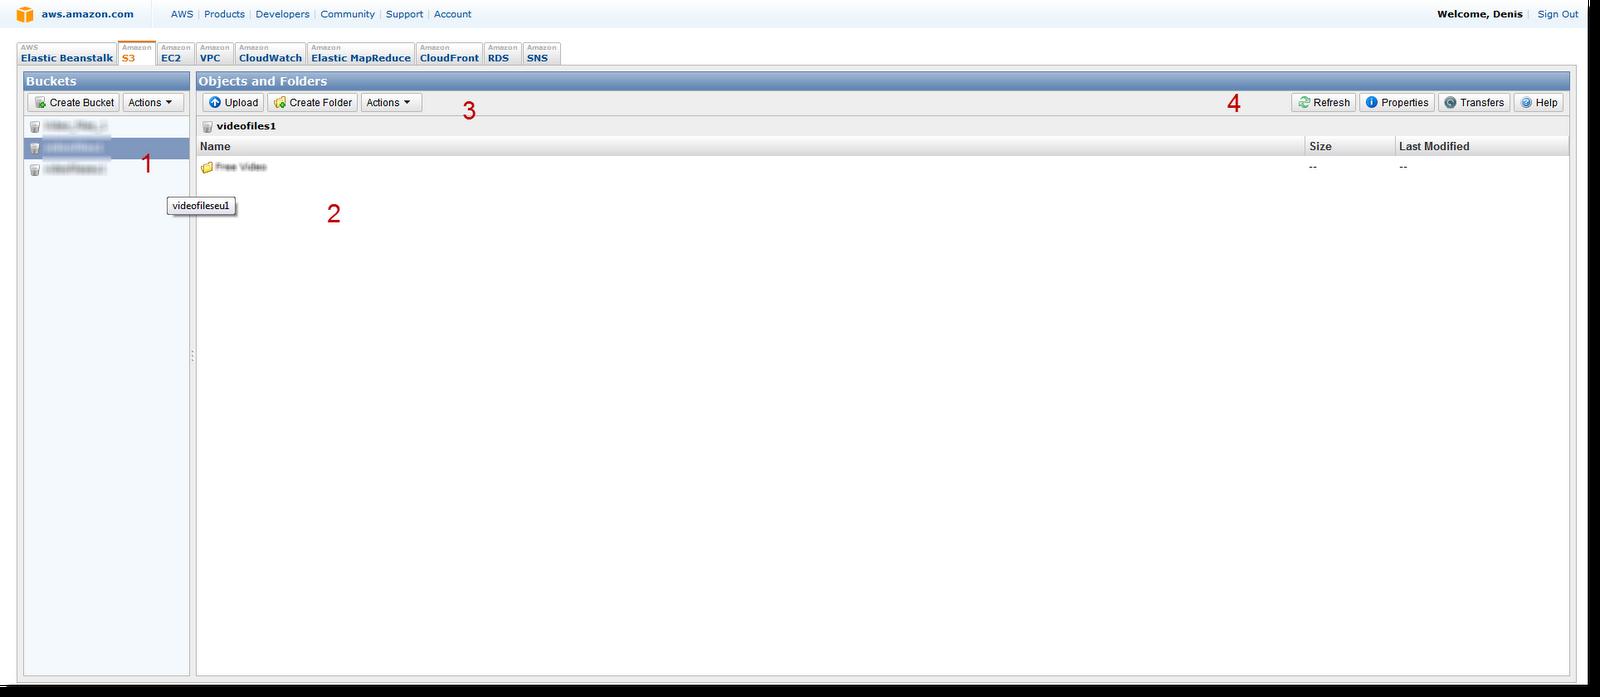 Веб-интерфейс S3 Amazon